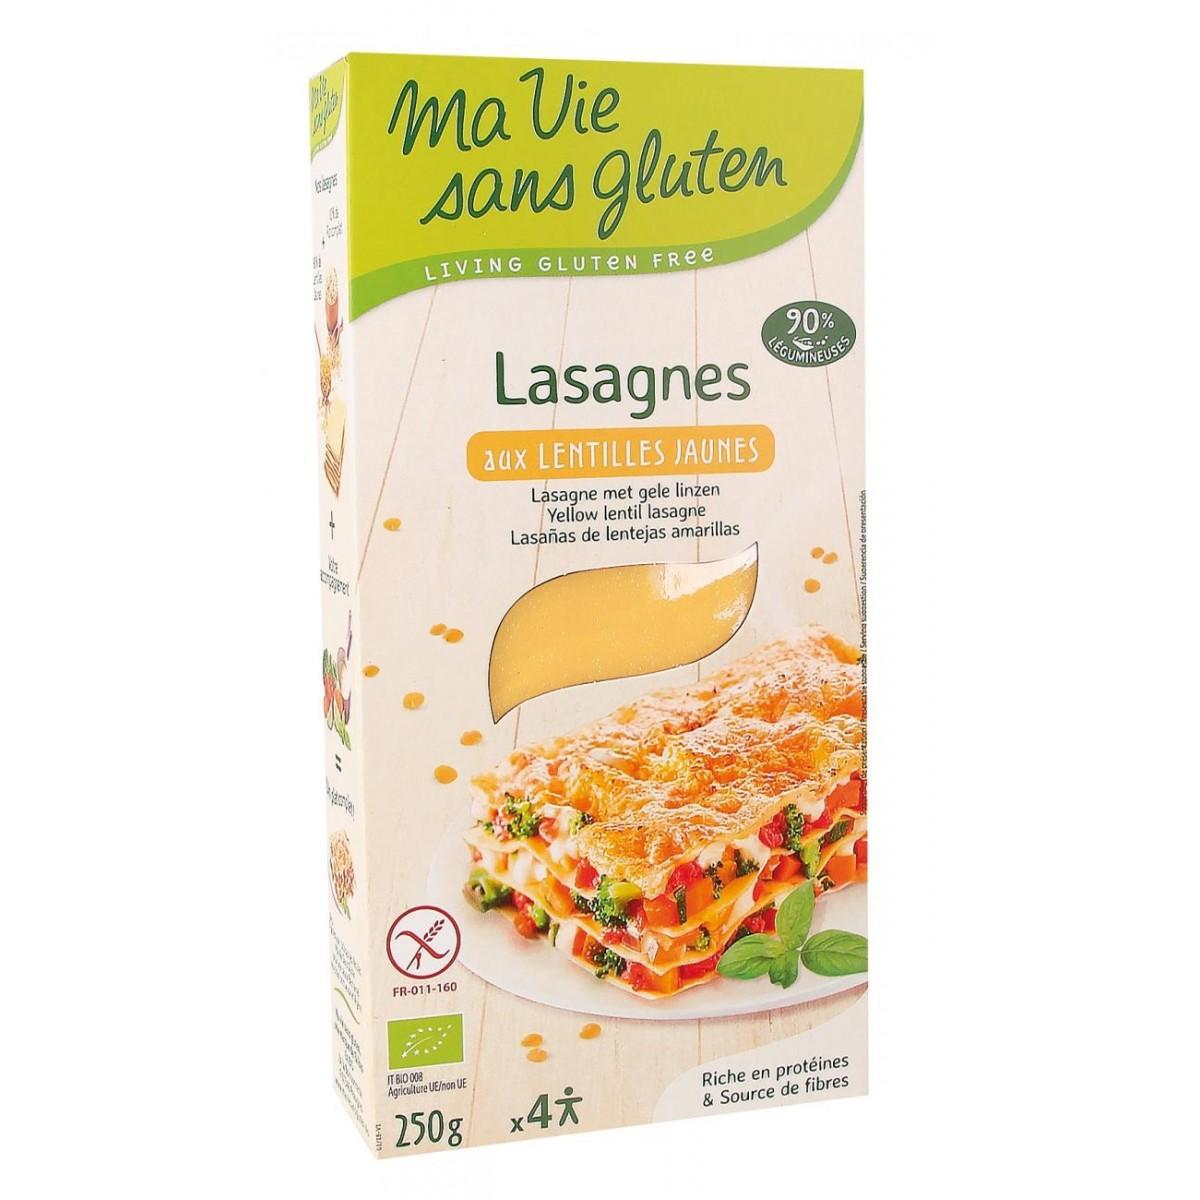 Lasagne Met Gele Linzen